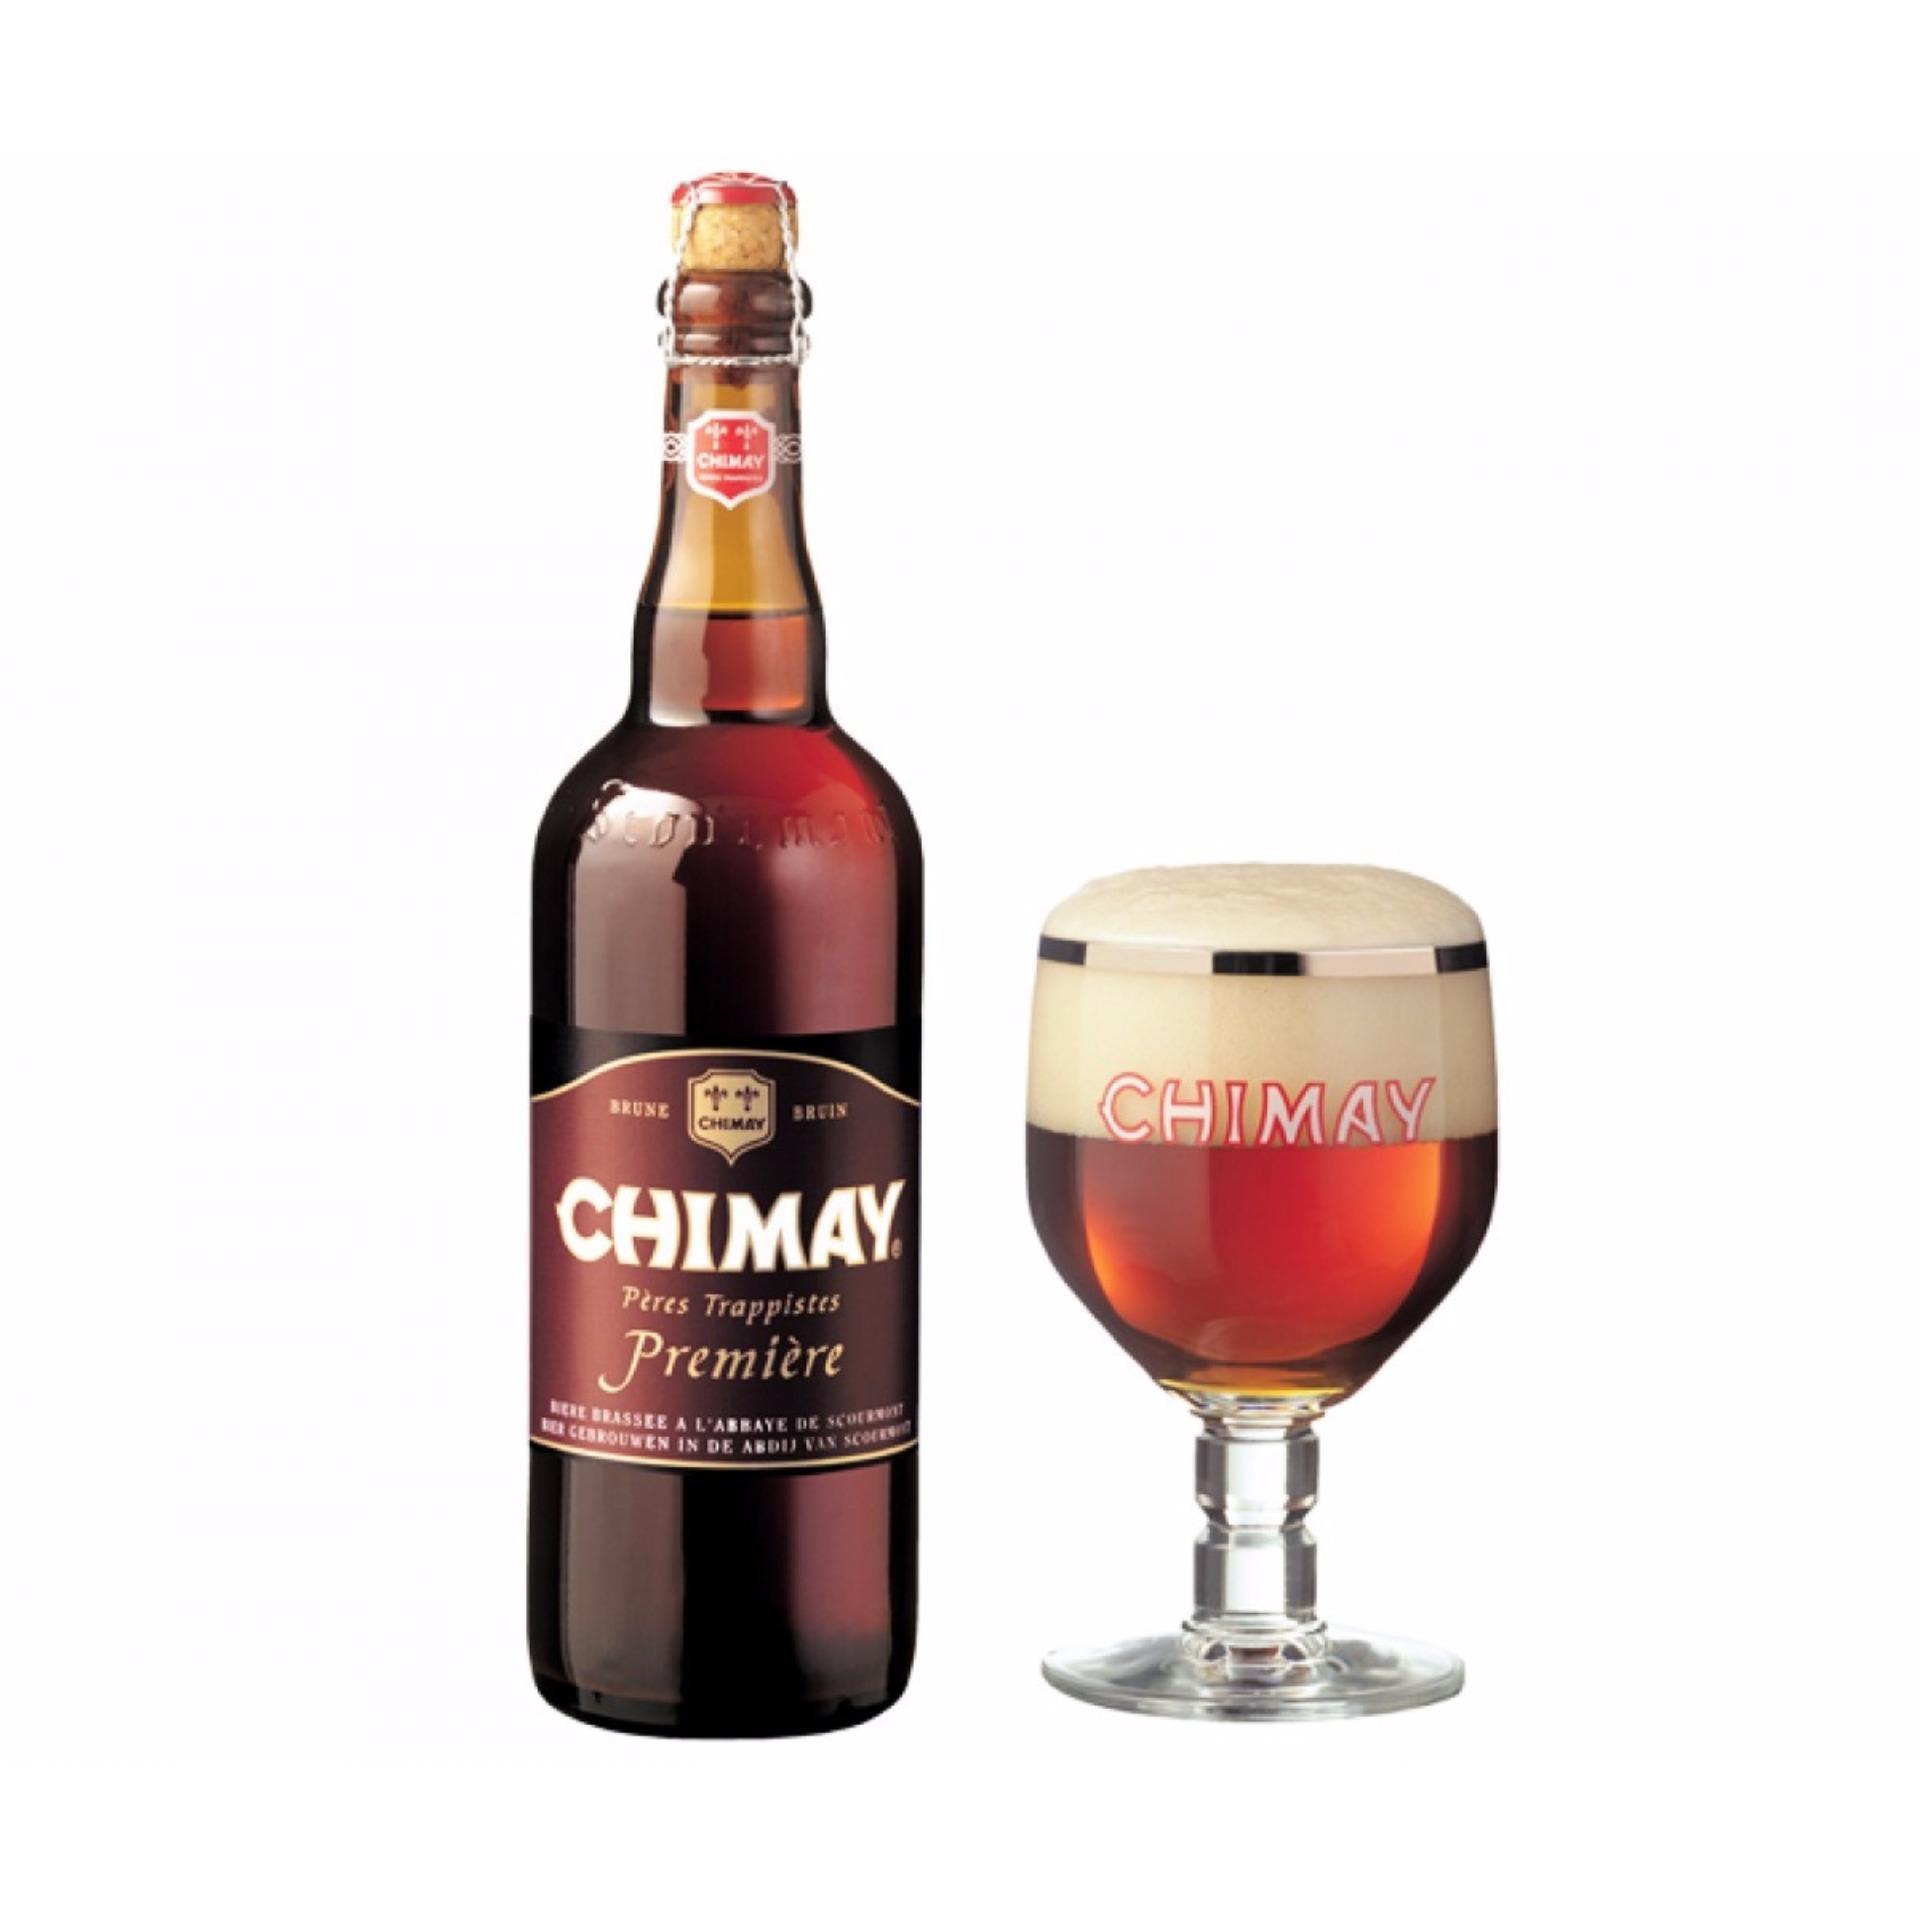 Bảng Báo Giá Bia Chimay Đỏ 6 Chai 750ml – Belgium Beer – Chimay Beer – Bia Chimay – Bia Bỉ